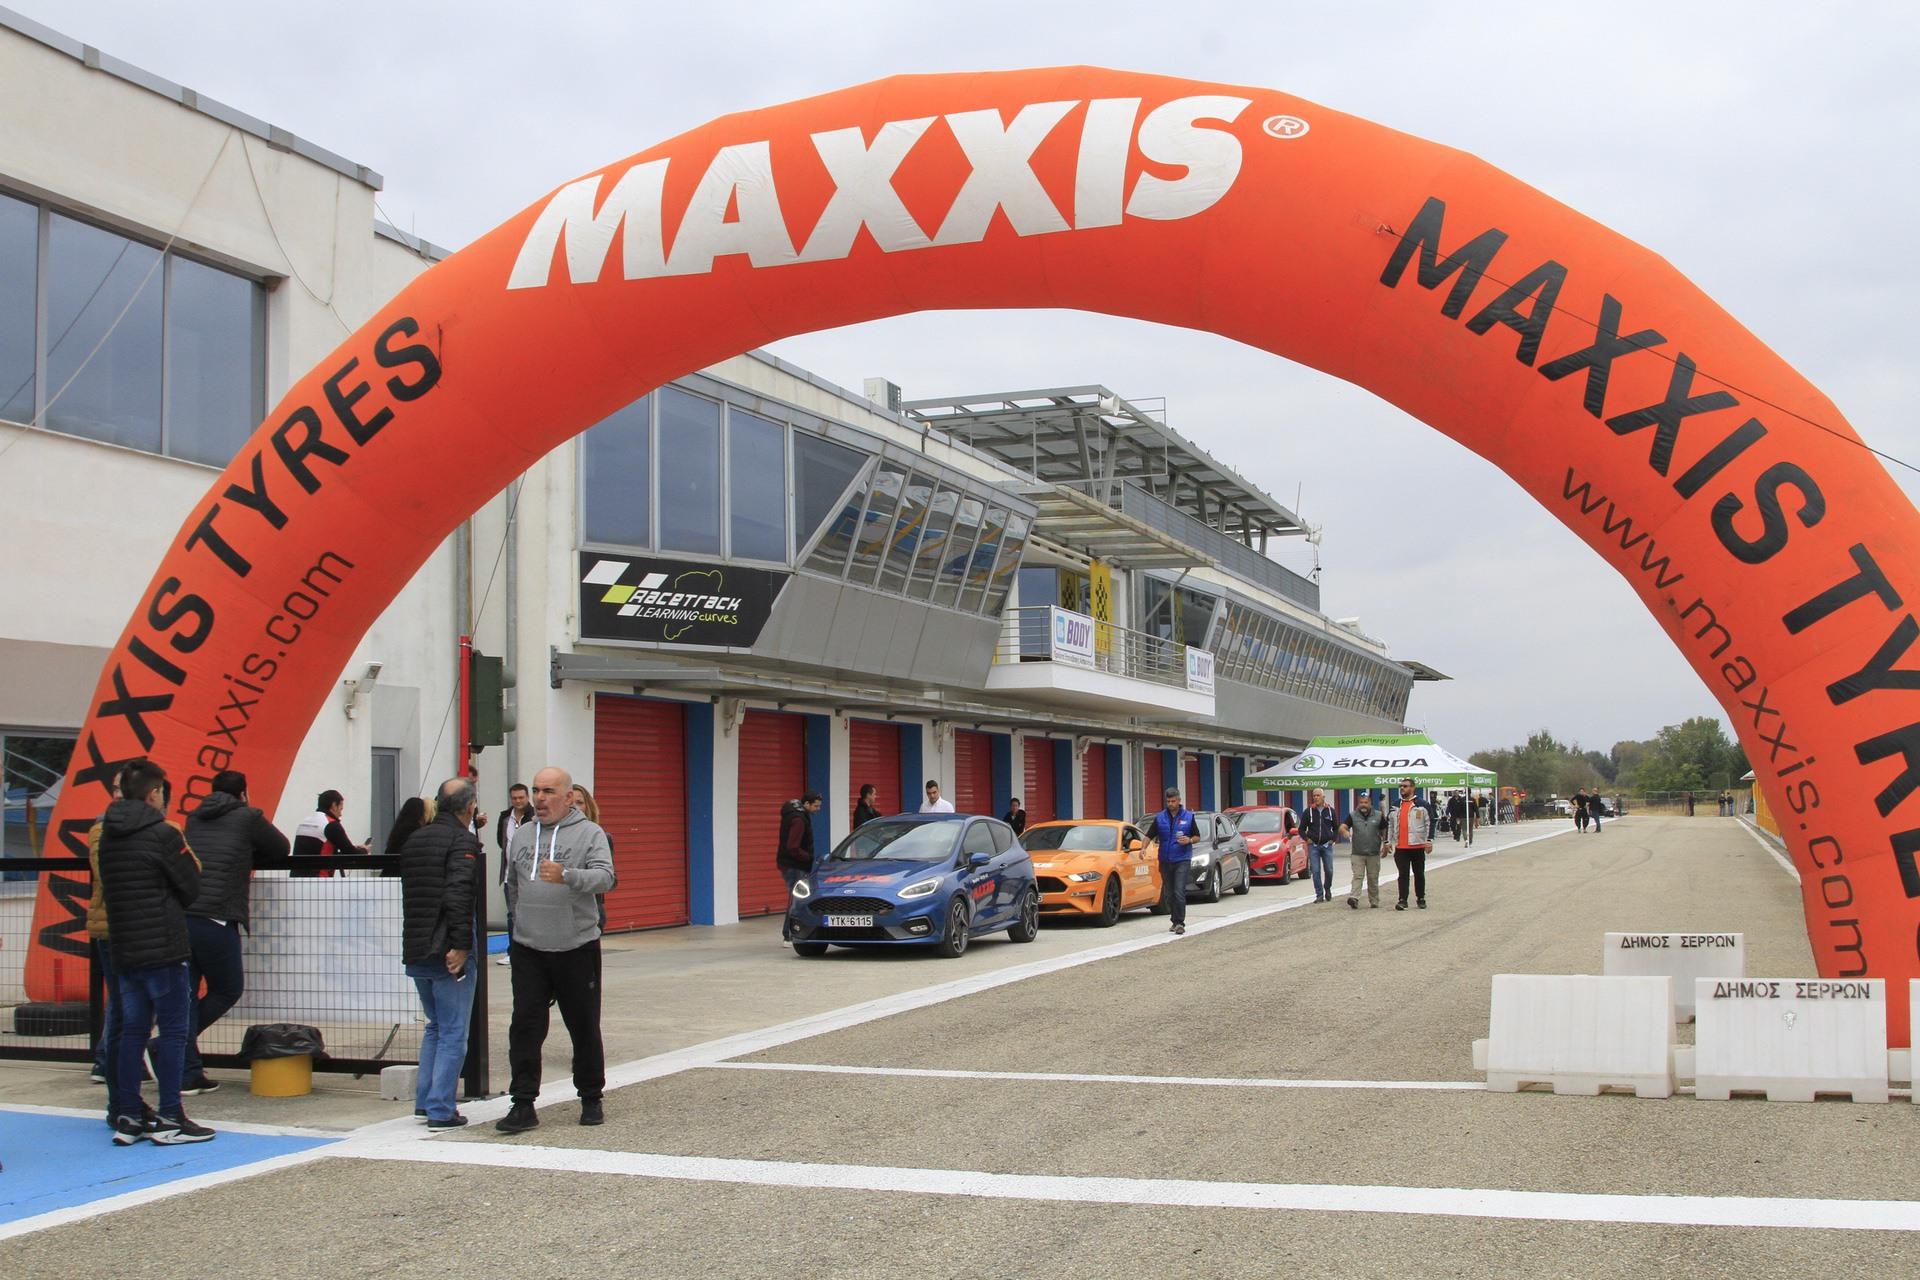 Maxxis_VS5_Serres_0003